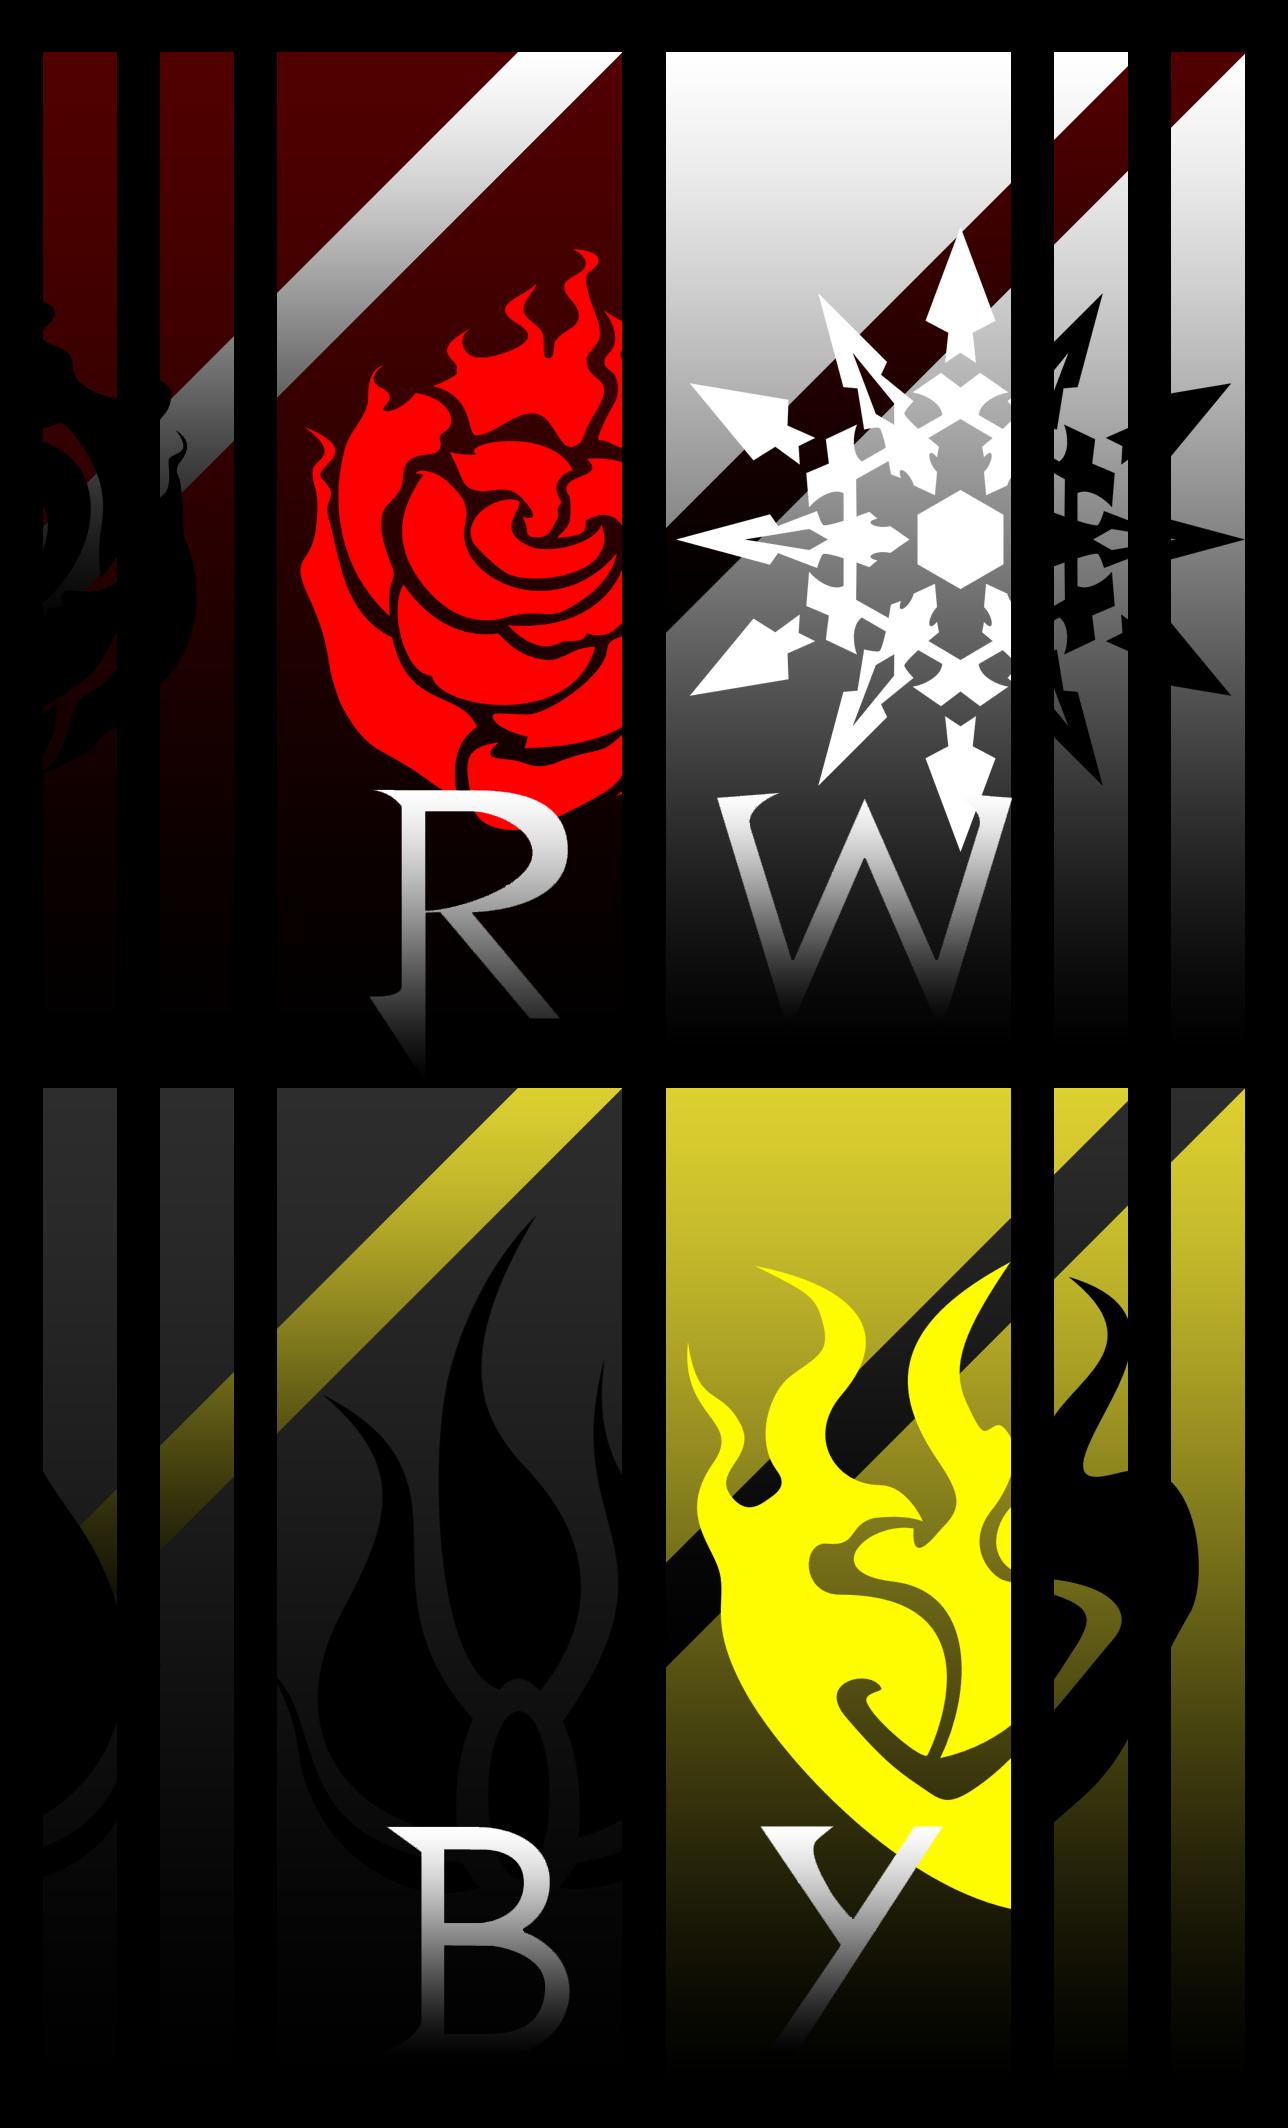 RWBY Wallpaper By Emperial Dawn